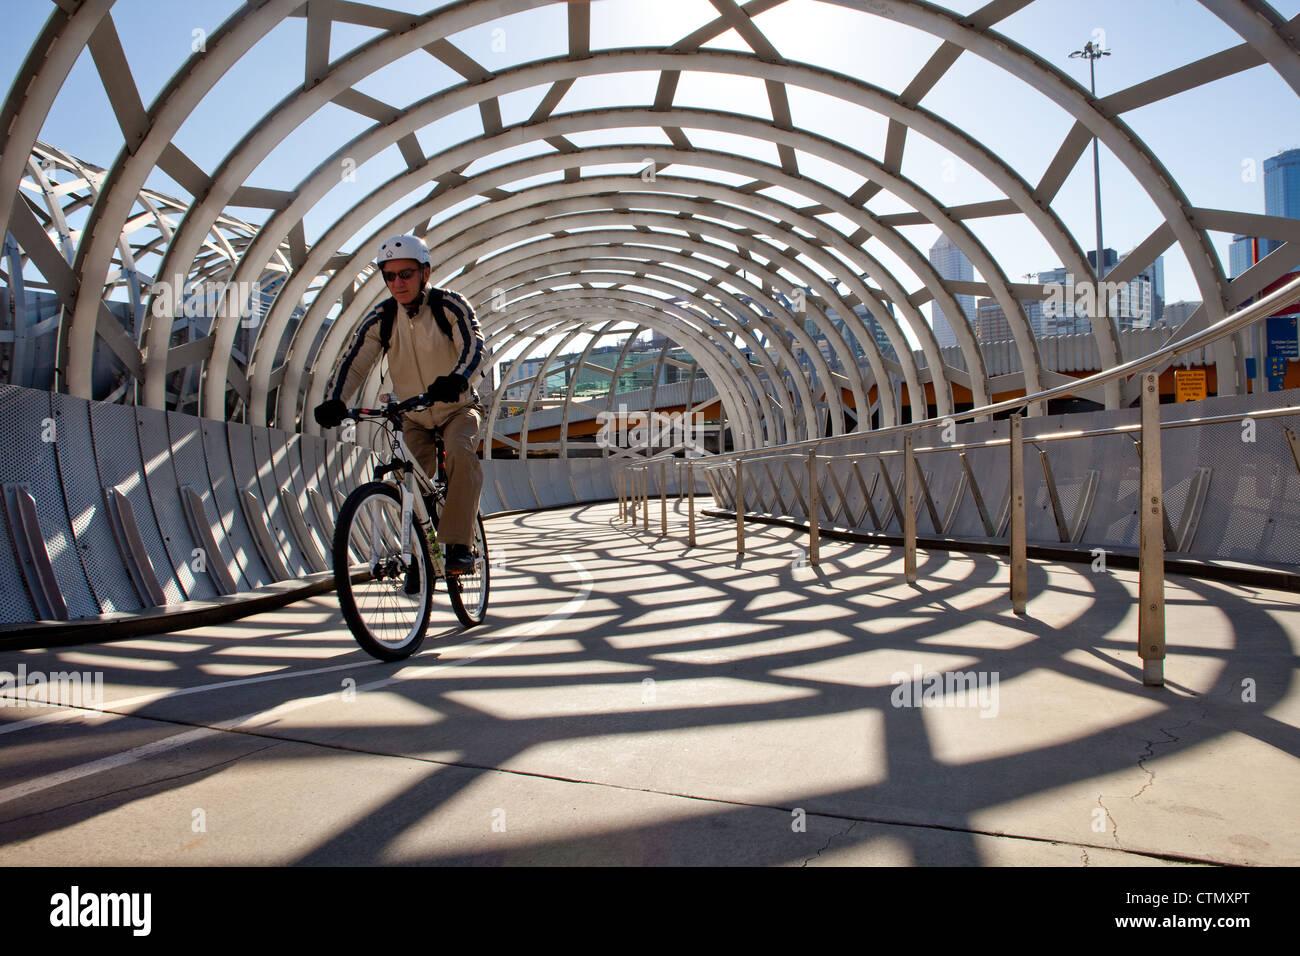 Melbourne webb puente sobre el río Yarra, Docklands Harbour en Victoria Australia ciclista ruta en bicicleta Imagen De Stock